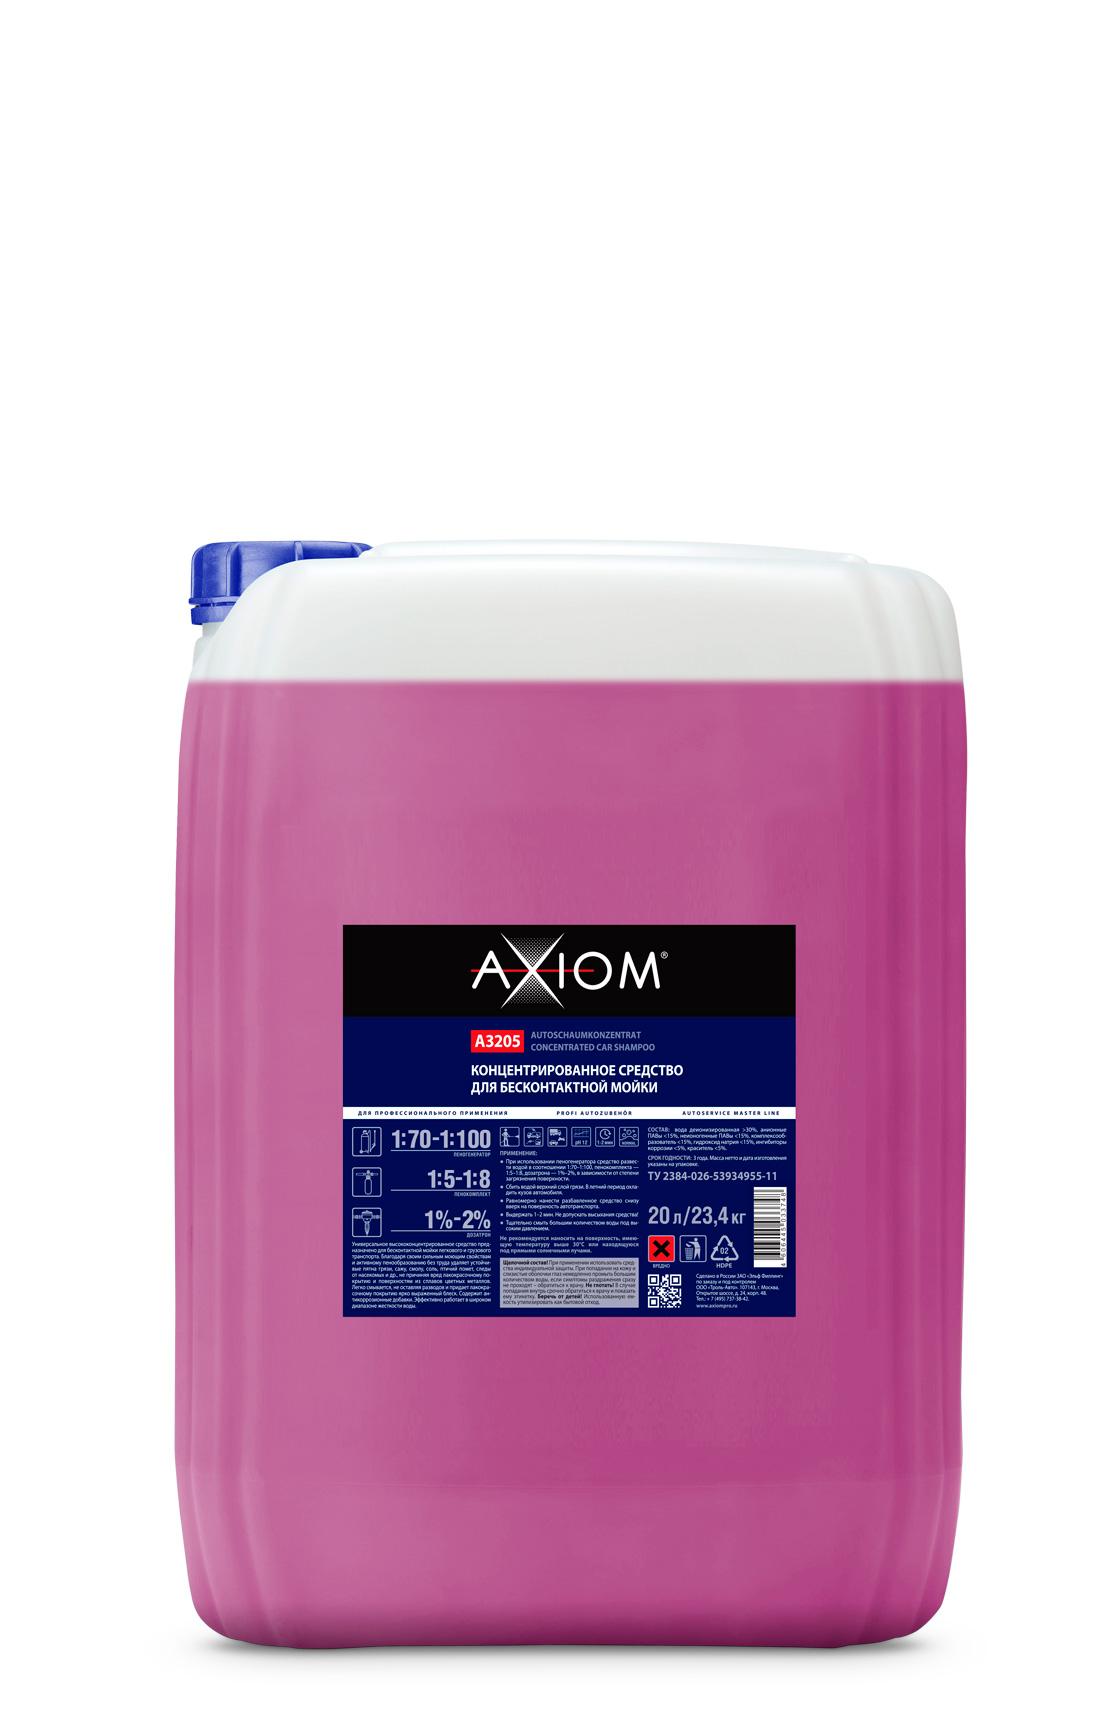 Концентрированное средство для бесконтактной мойки 1:70-1:100 20л23 кг. AXIOM (A3205)